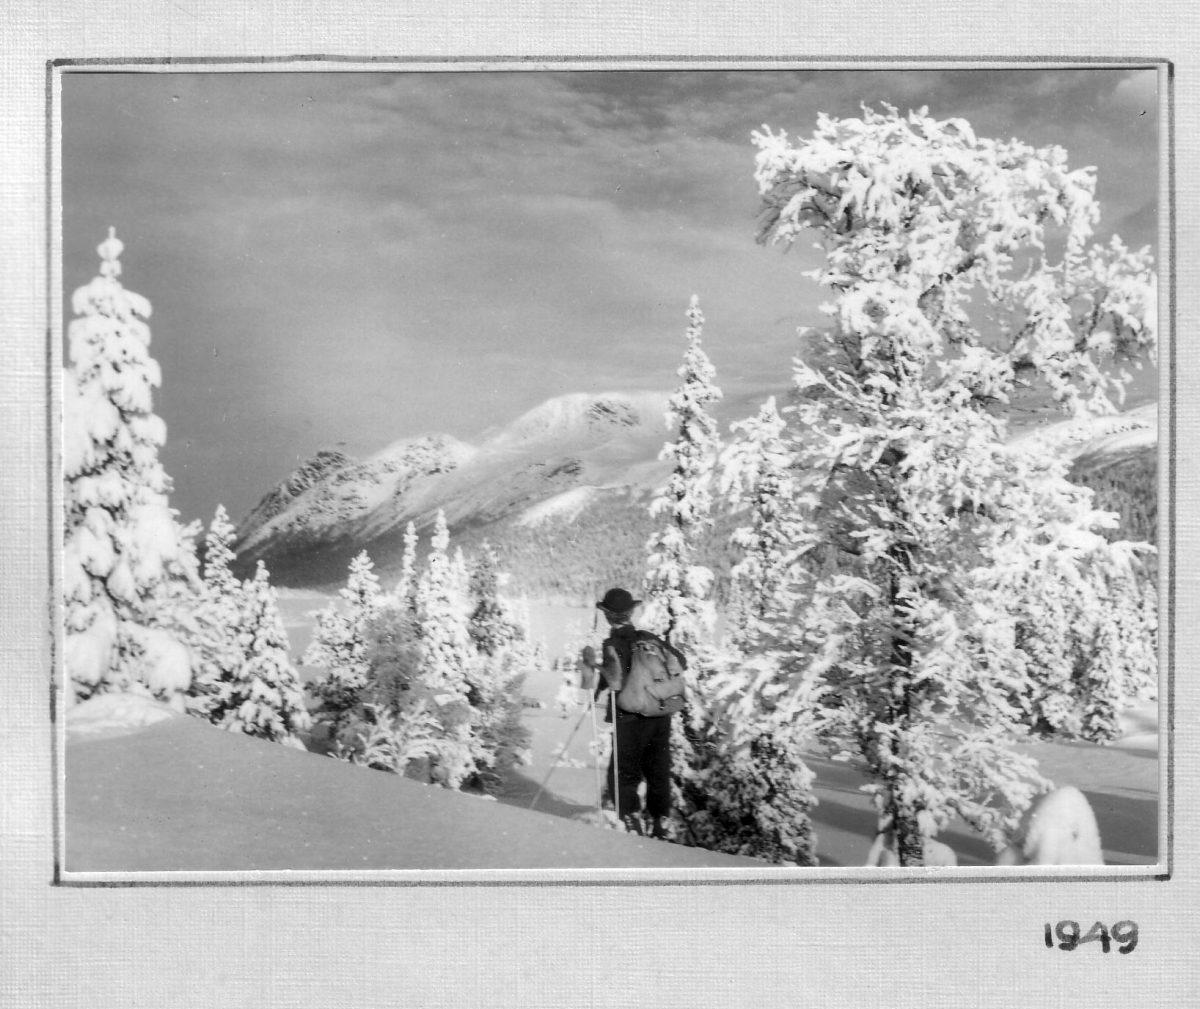 S.31 Himmelsraften och Mjölkvattnet Bild 2 1949